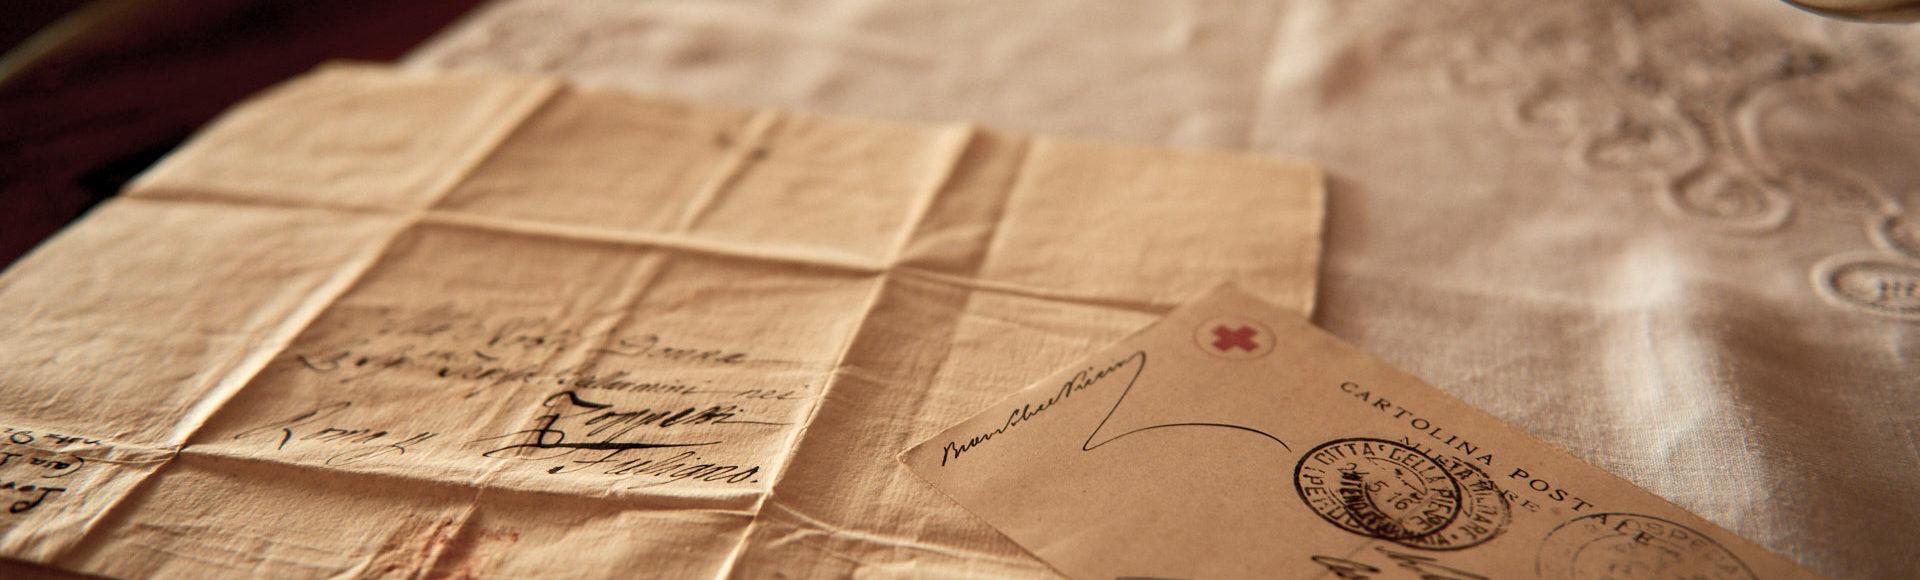 lettera-cartolina